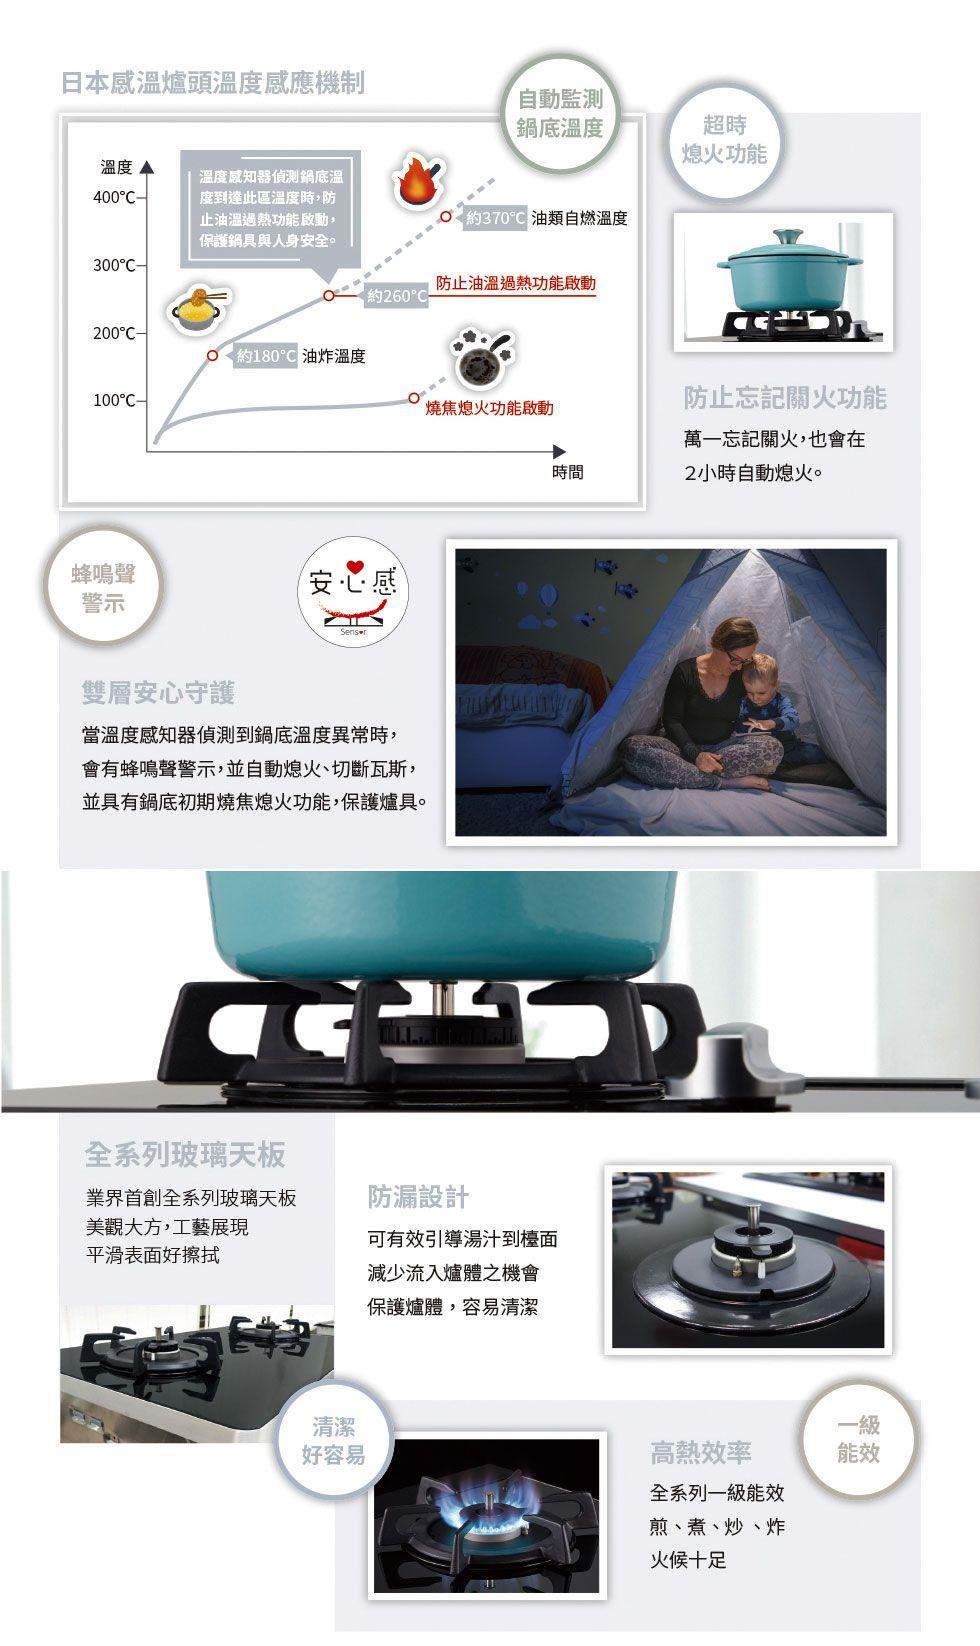 PK/goods/Rinnai/Stove/RTS-Q230G(B)-DM-2.jpg